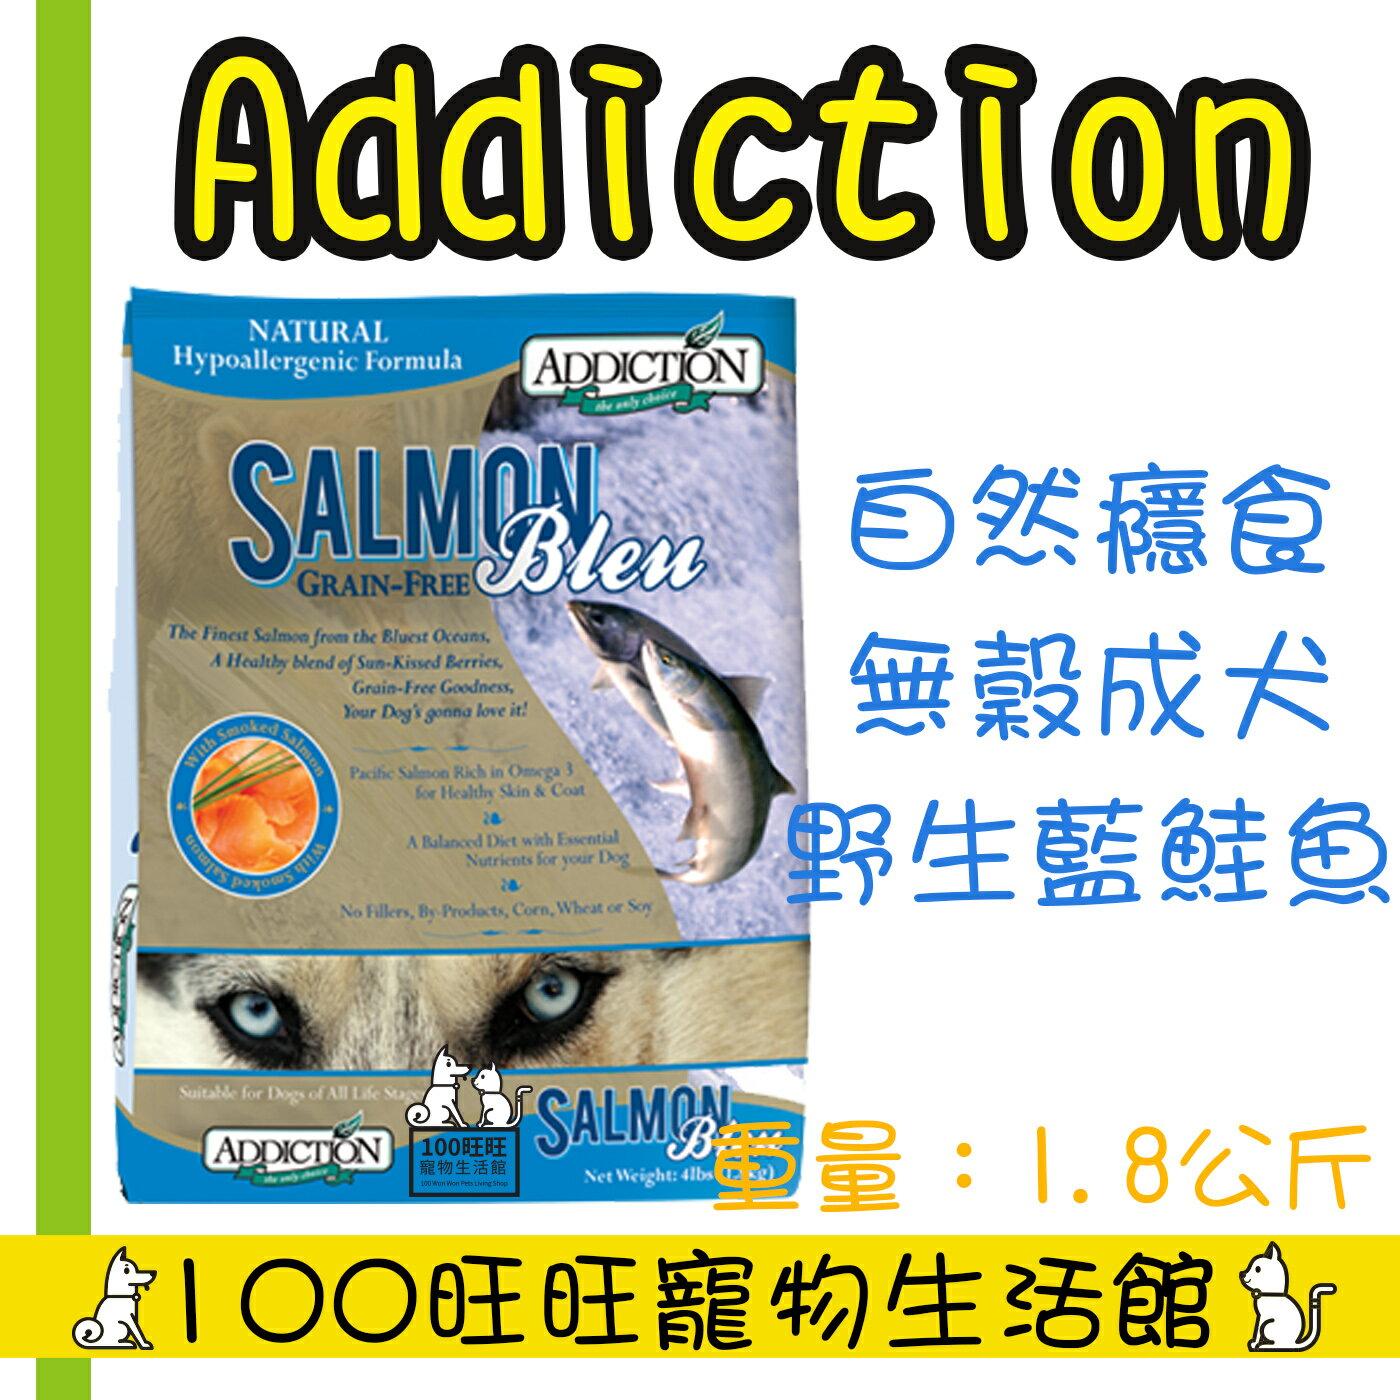 【Addiction自然癮食】ADD自然癮食無穀藍鮭魚犬食1.8kg